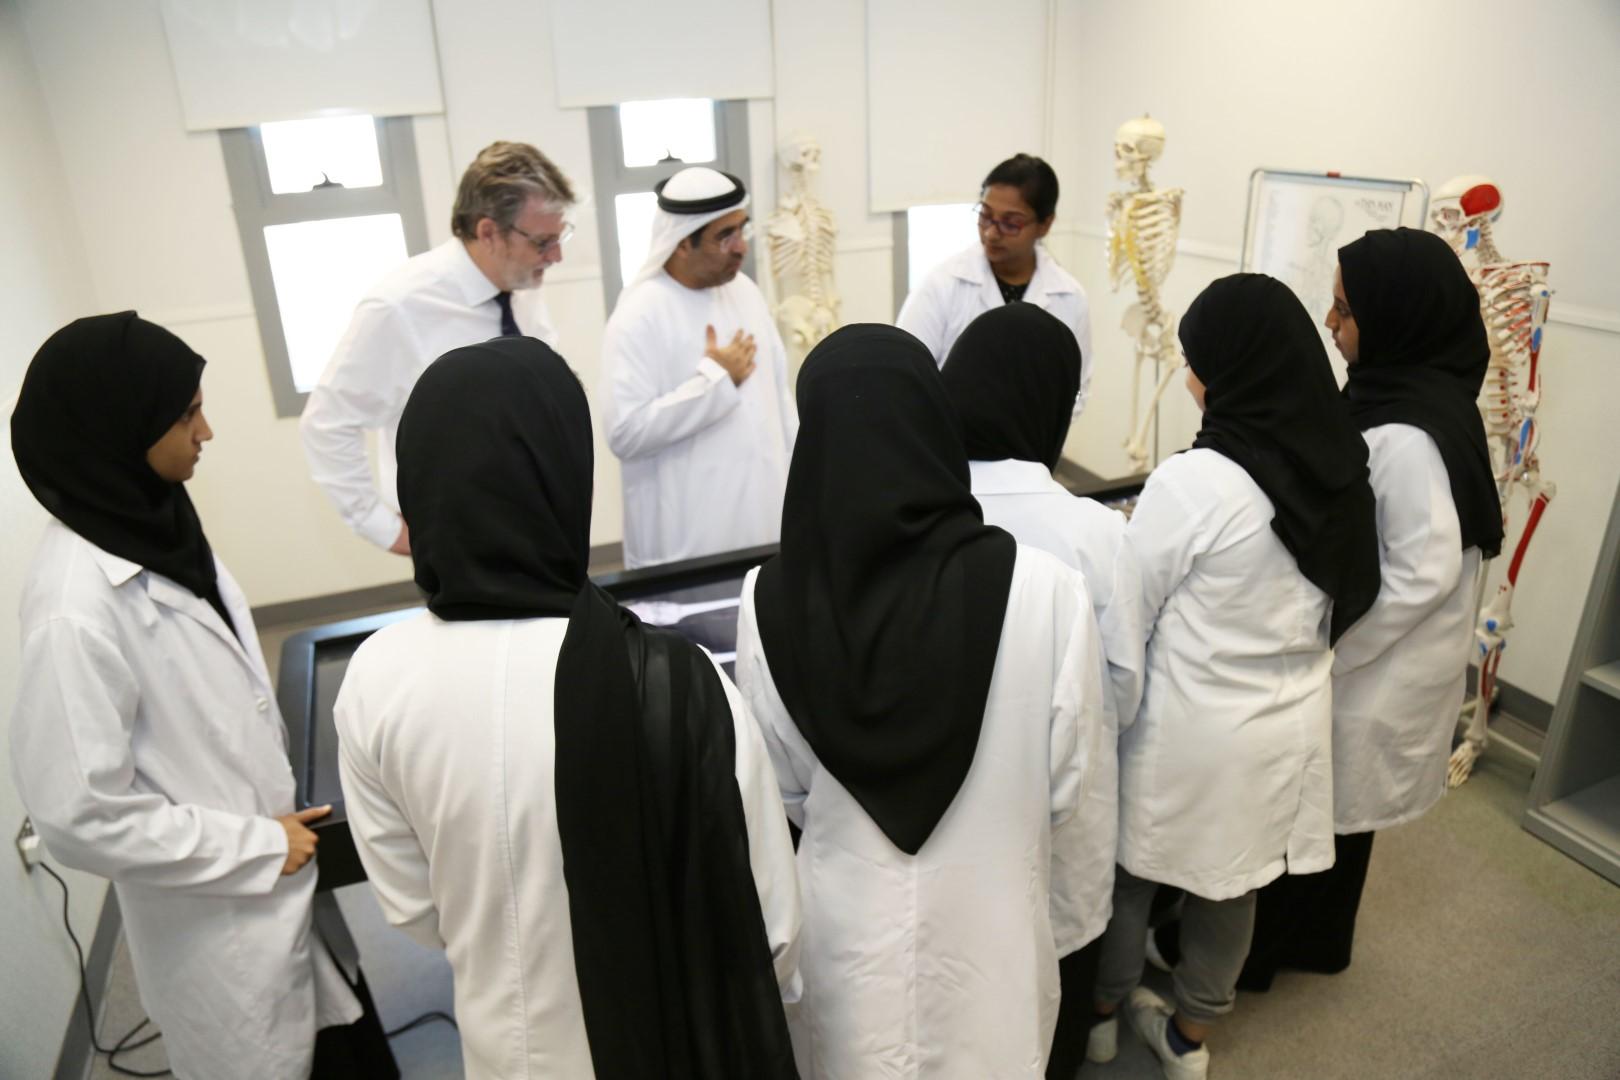 كلية فاطمة للعلوم الصحية تدشن تخصص بكالوريوس علم النفس